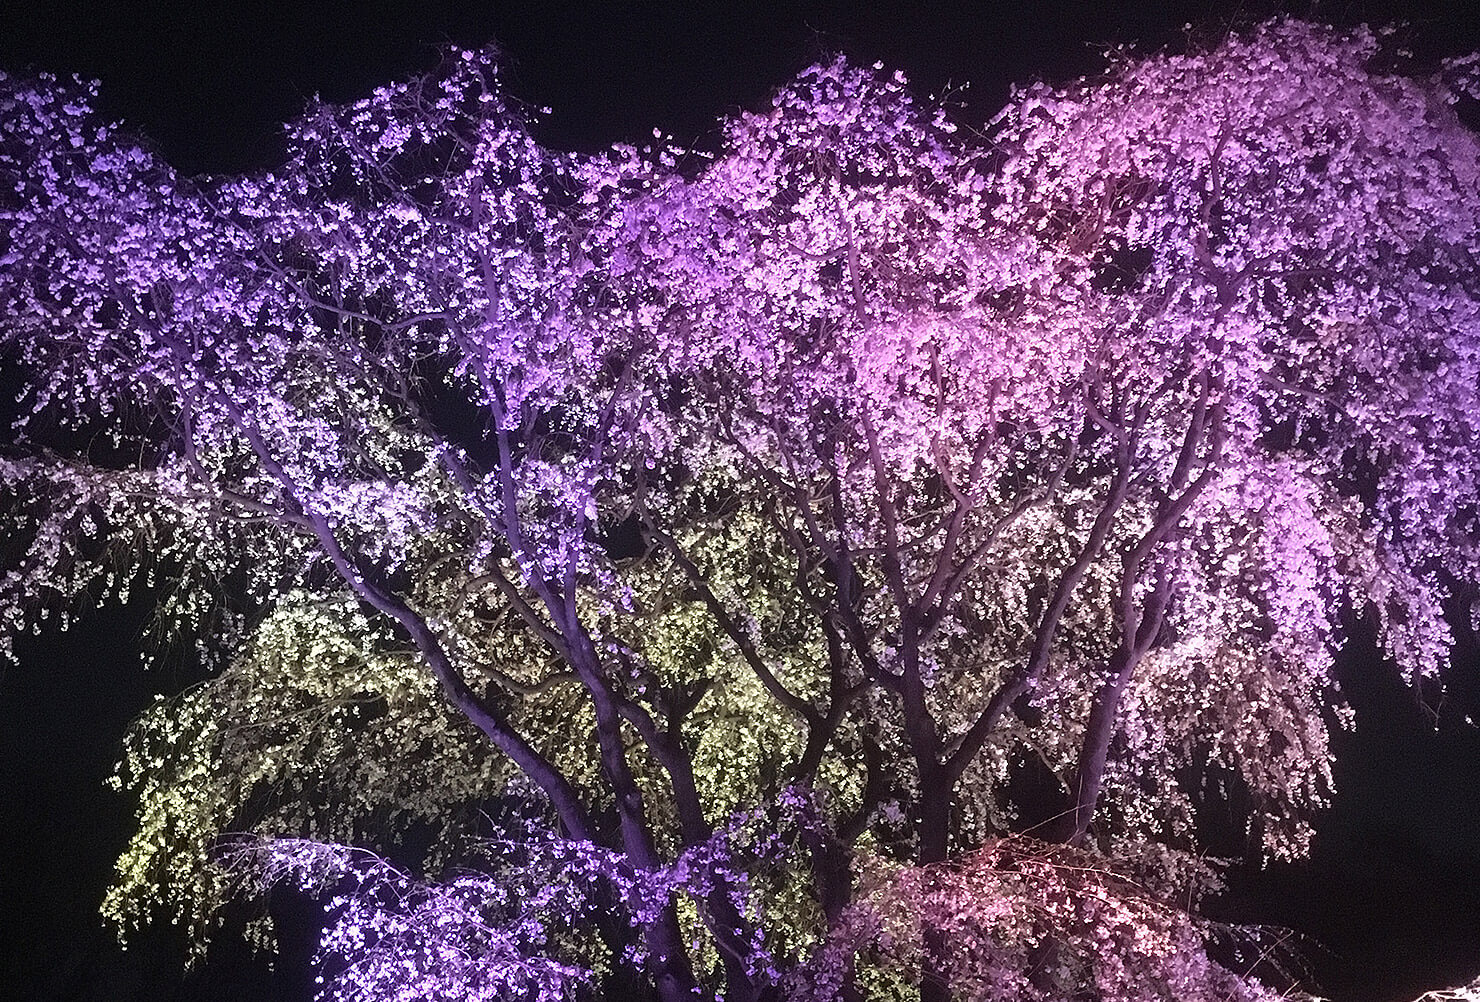 大混雑!駒込 六義園「しだれ桜のライトアップ」で夜桜鑑賞